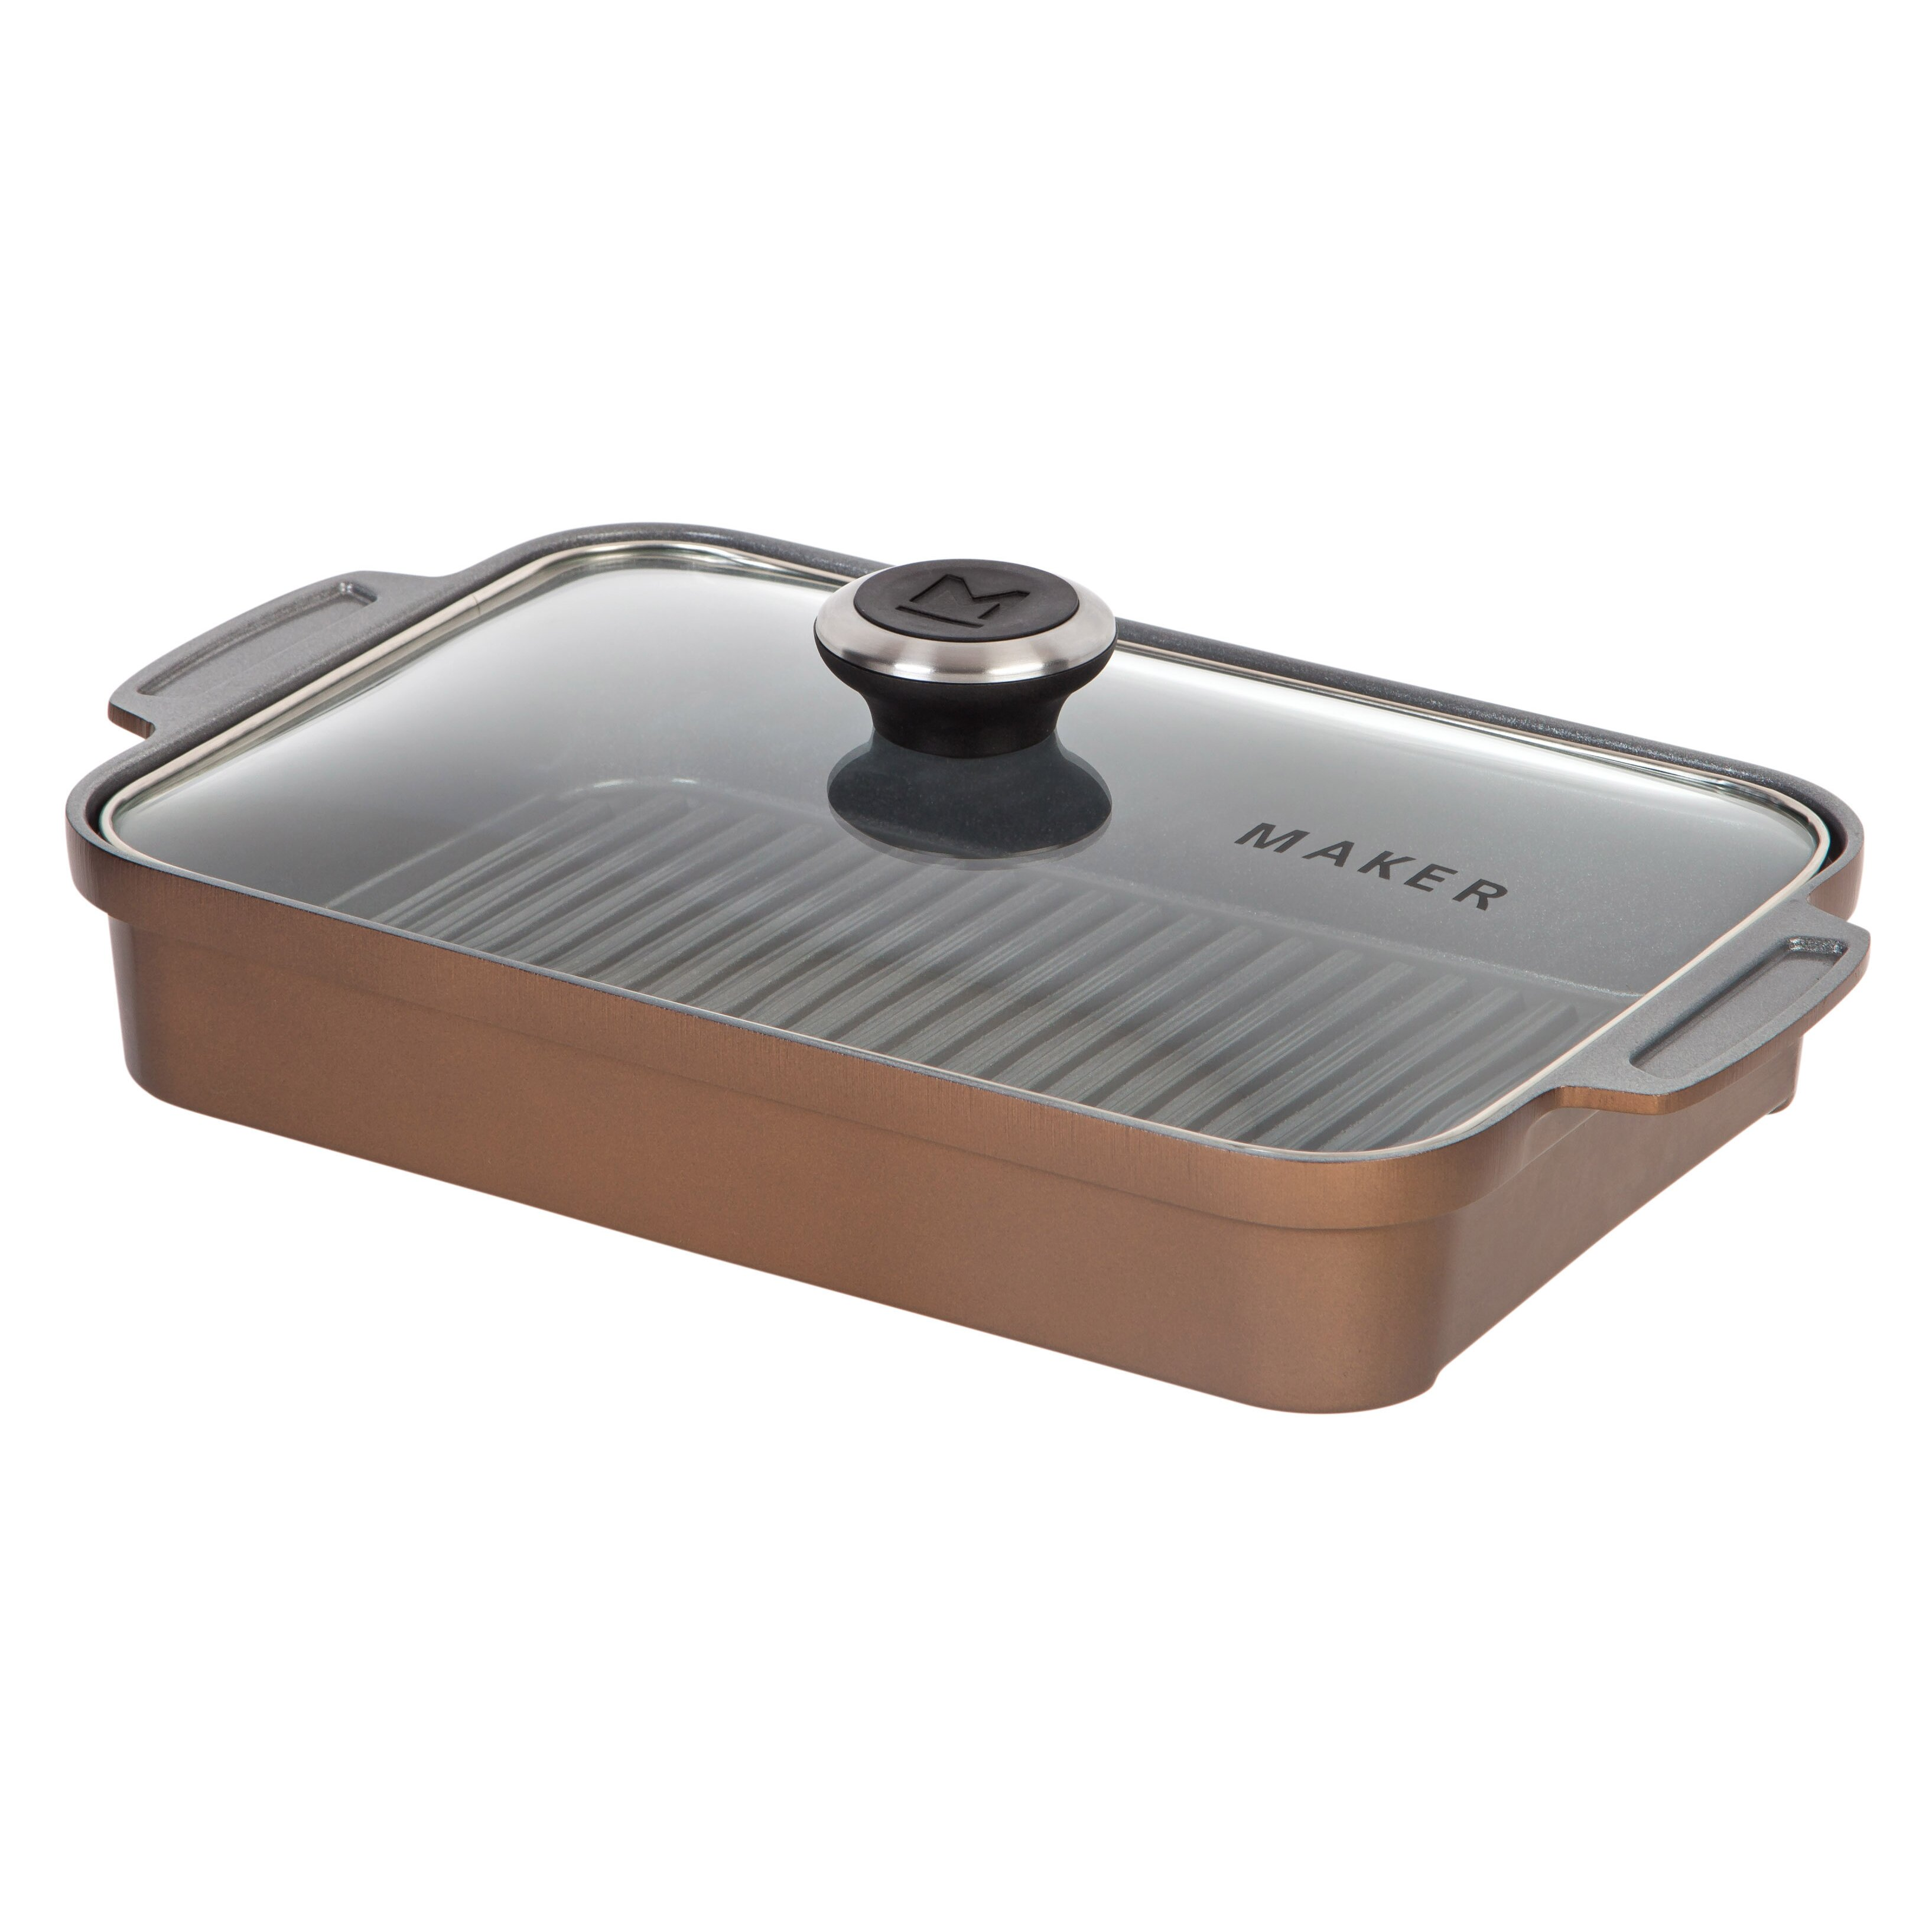 Maker Homeware Steam Grill Pan Wayfair